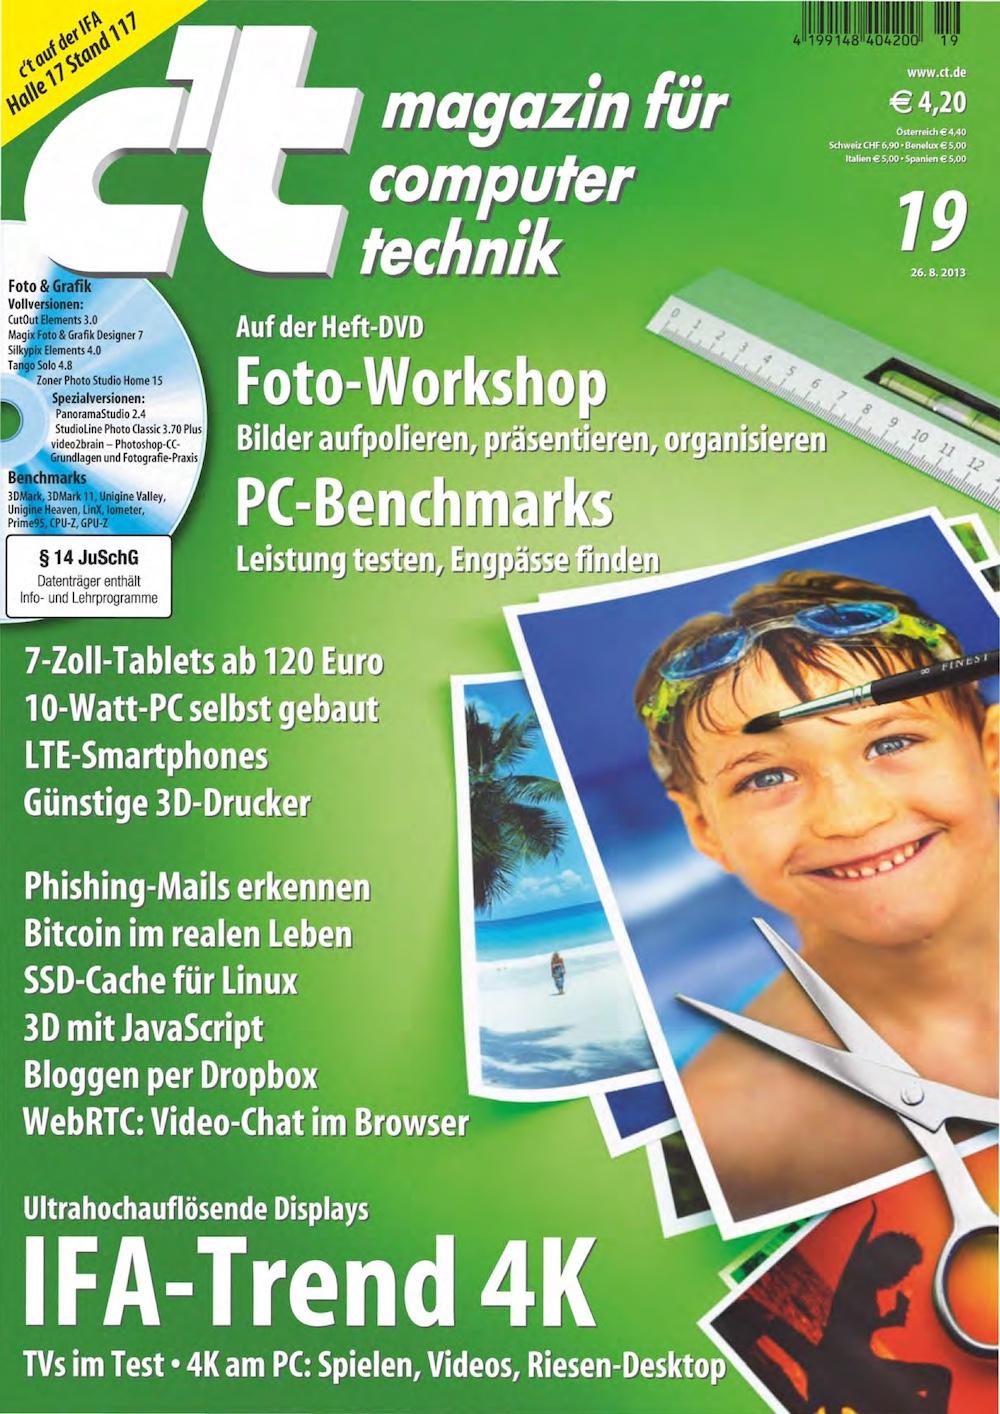 c't Magazin 2013-19